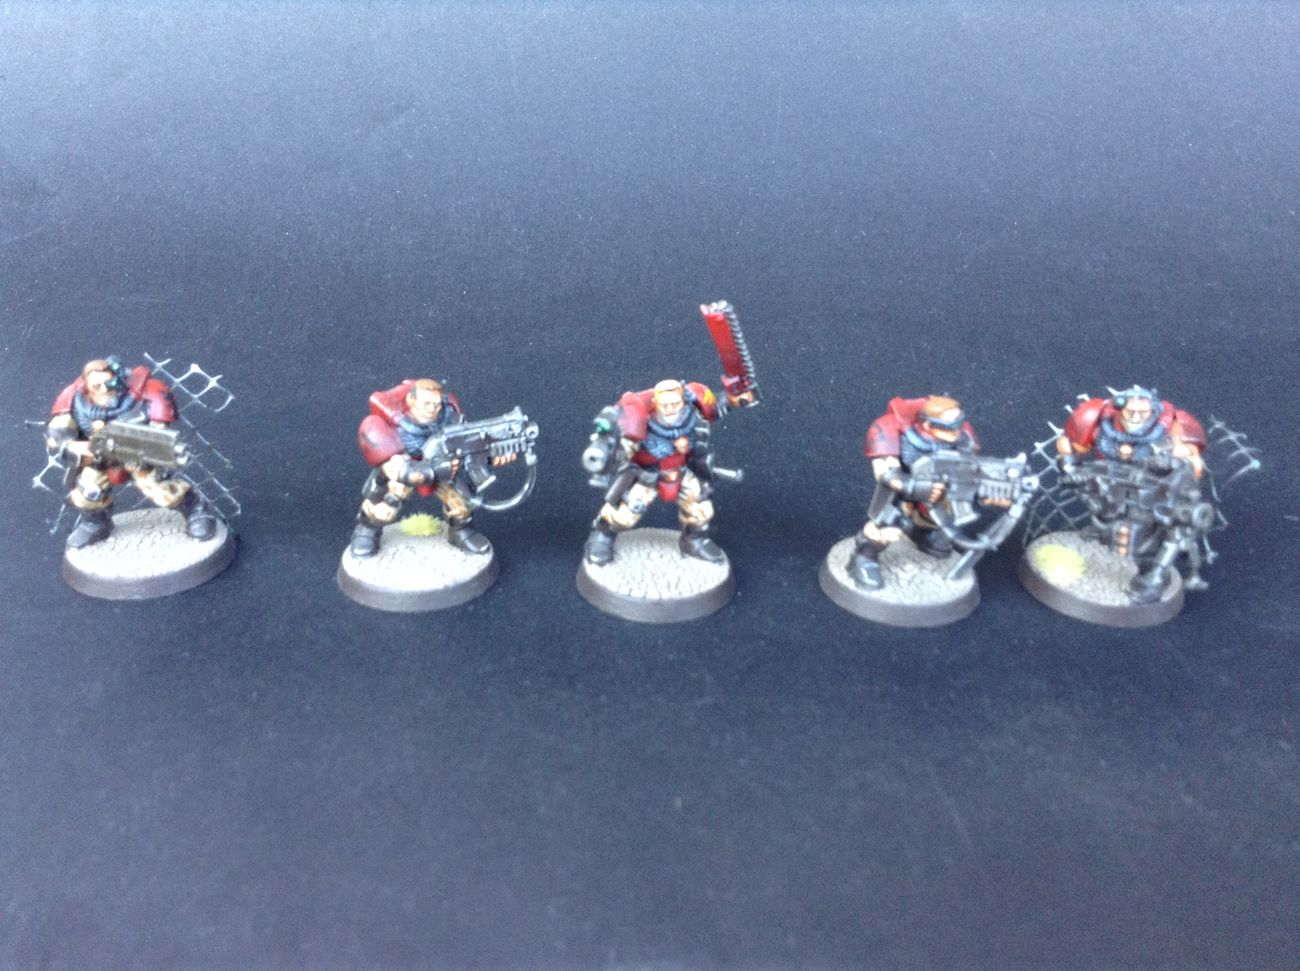 Blood Angels Heavy Bolter Scout Squad Sergeant Shotgun Warhammer Warhammer40k